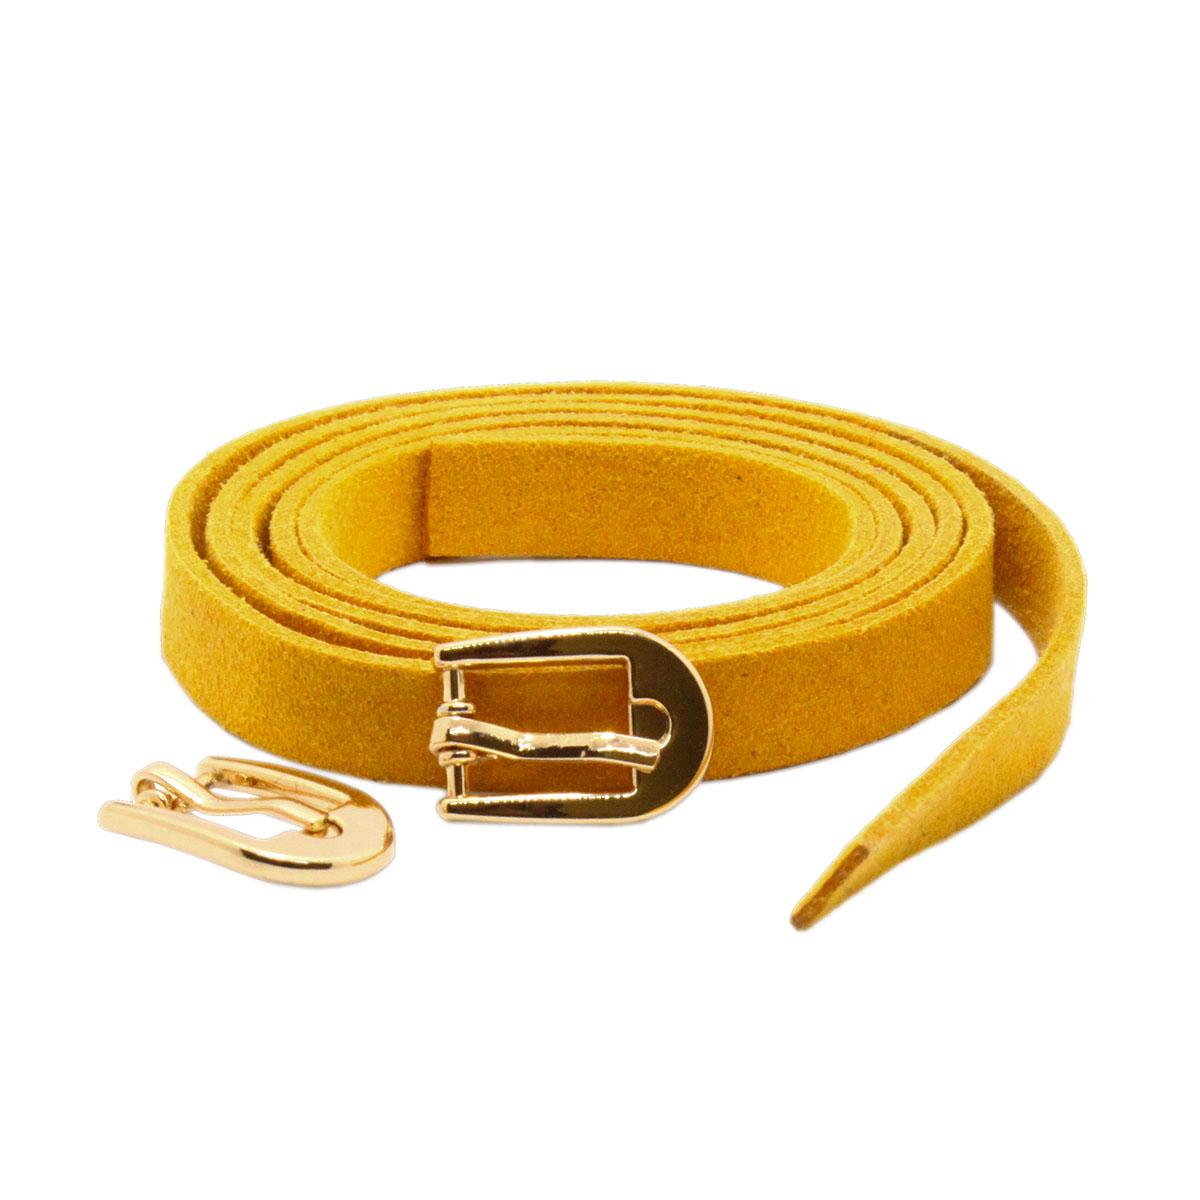 28848 Ремешок горч. из иск.замши 0,9см*0,8м. + пряжка мини С3271 золото упак/2 шт.